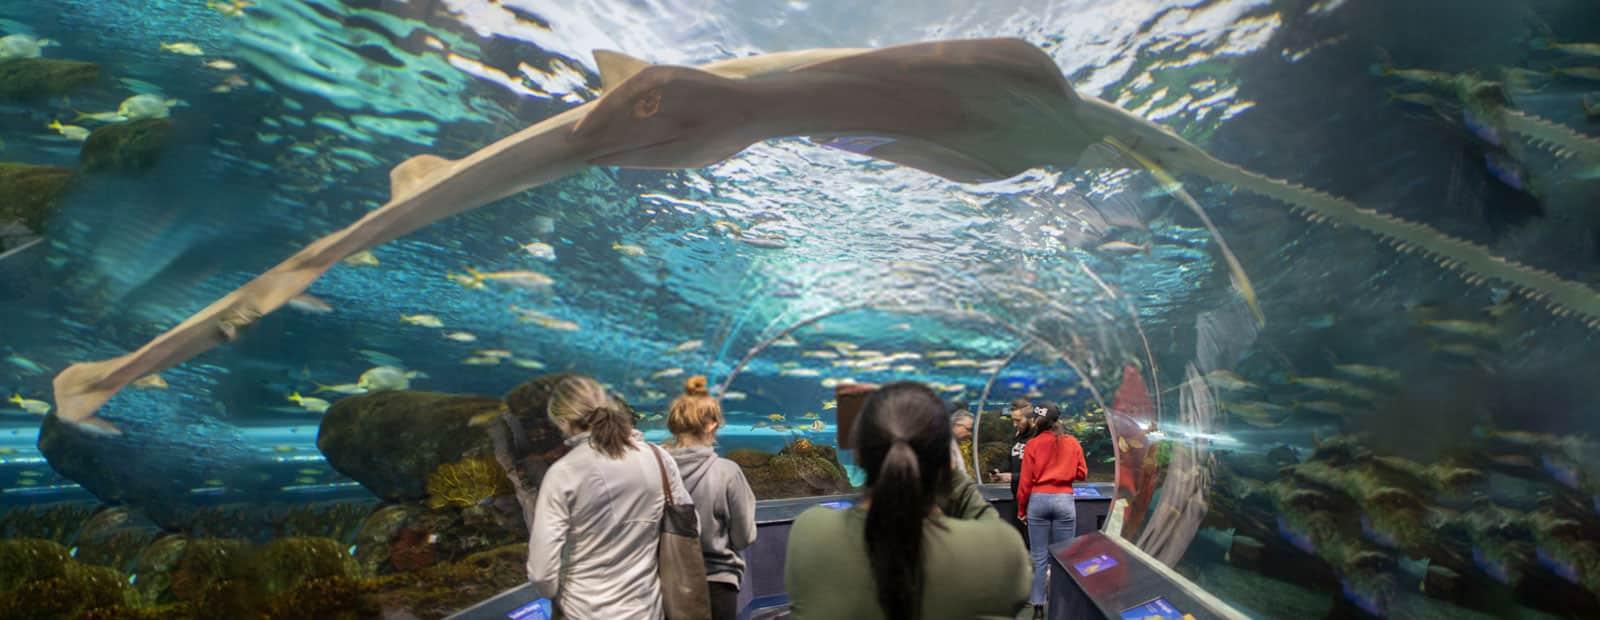 Toronto-Aquarium1